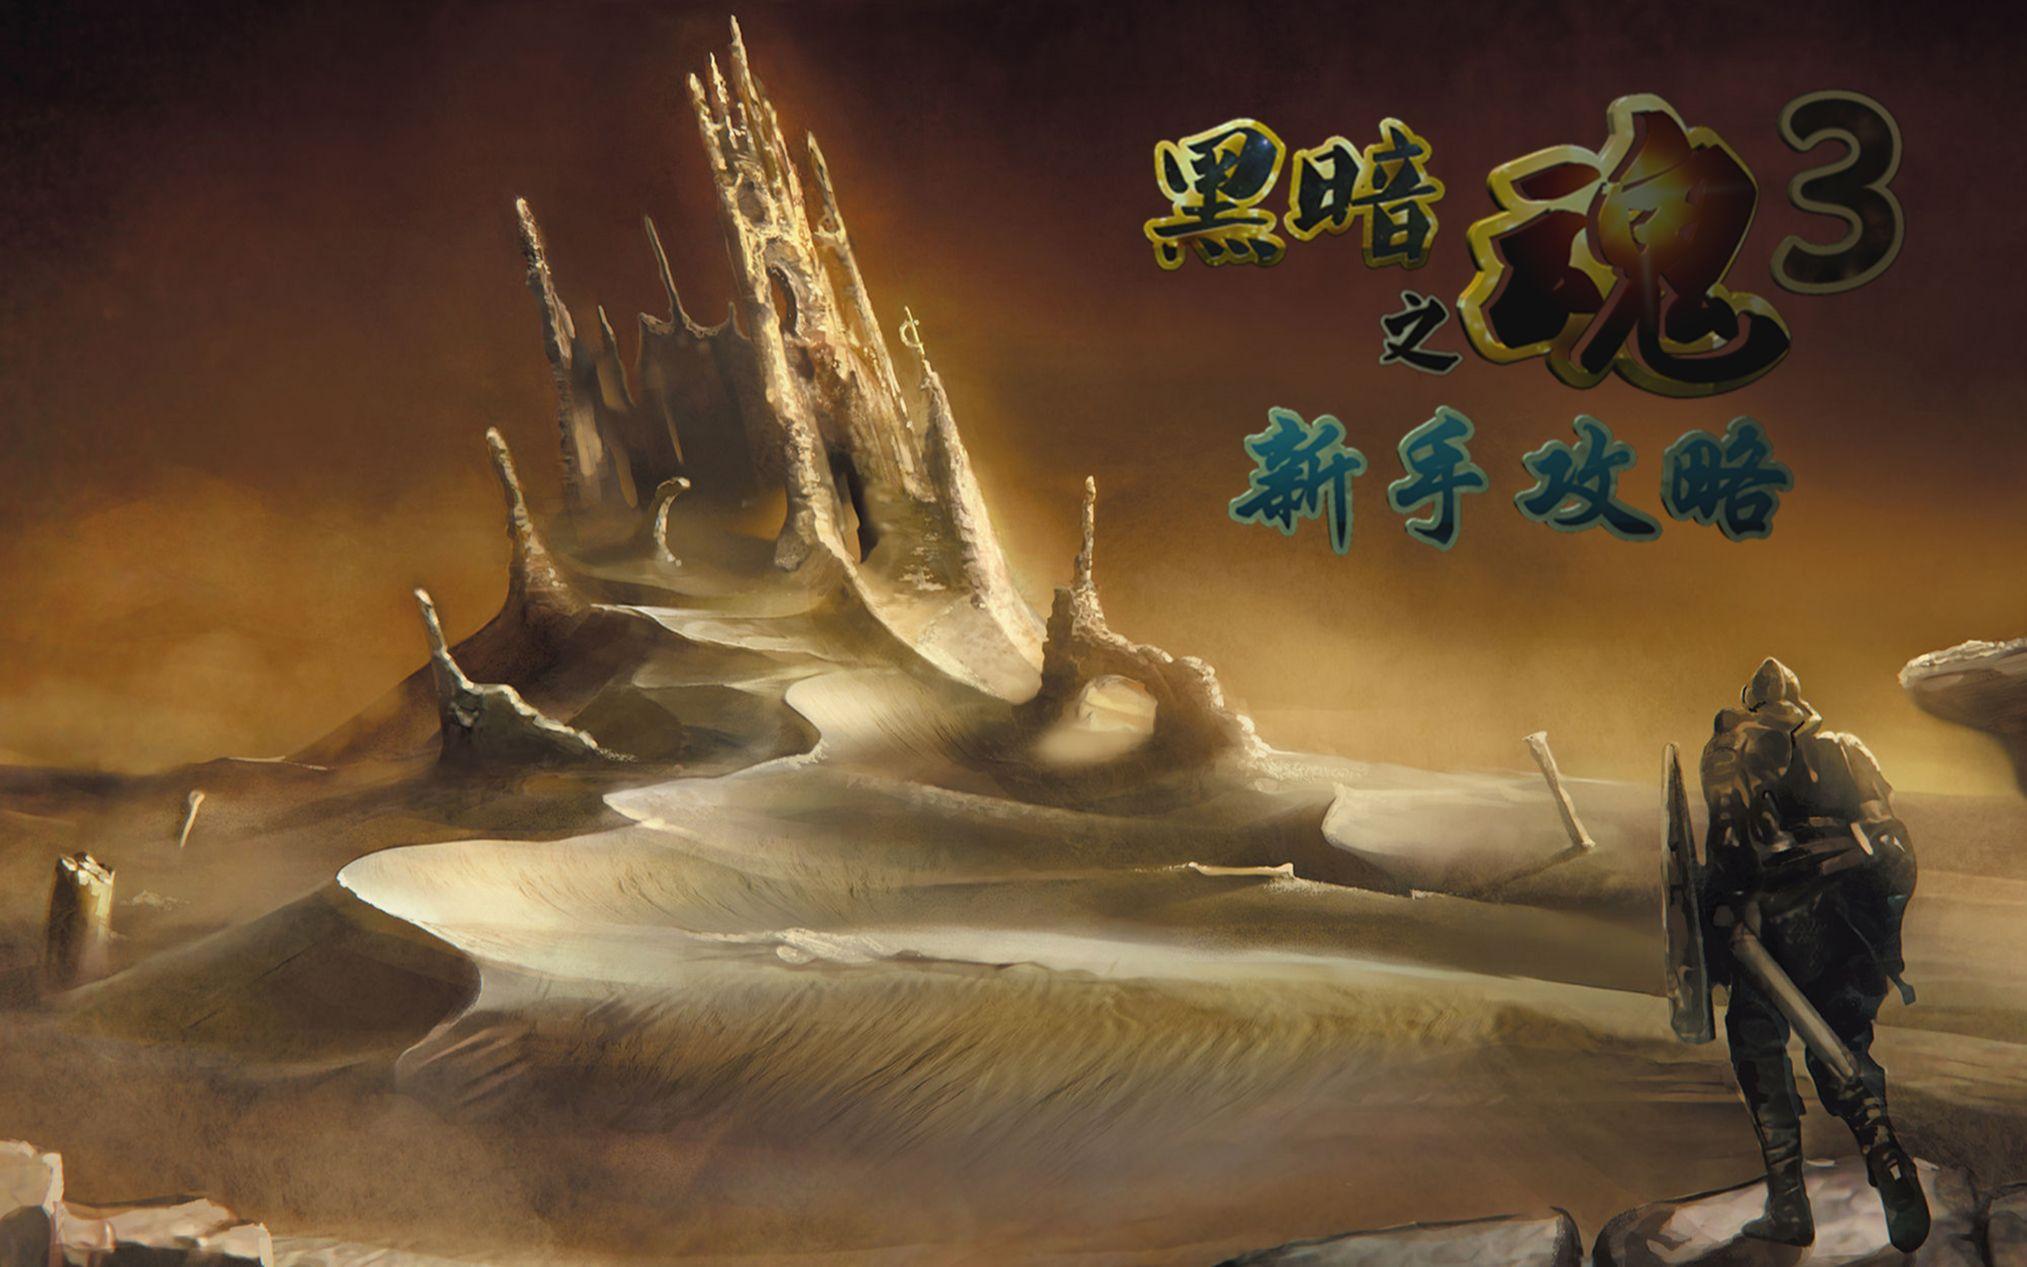 【黑暗之魂3】新手攻略 20 環印城 下_嗶哩嗶哩 (゜-゜)つロ 干杯~-bilibili